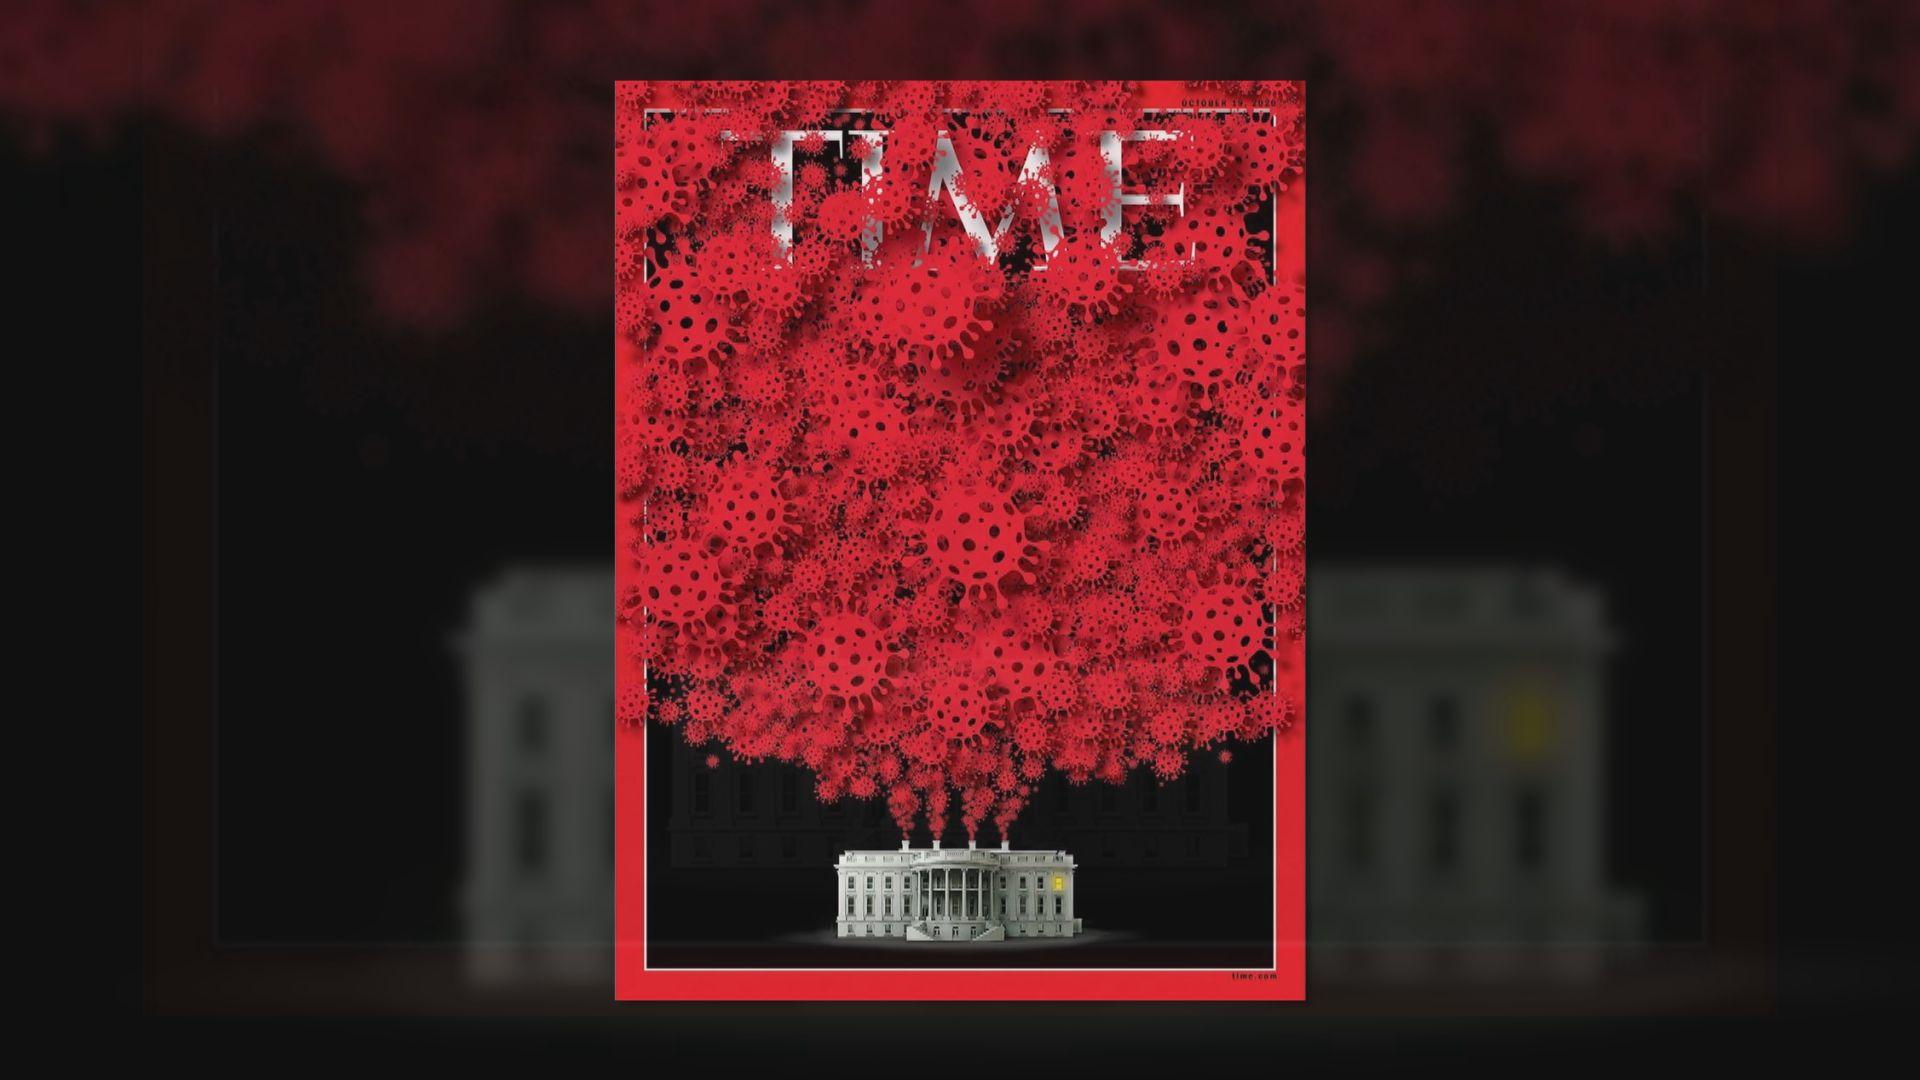 《時代雜誌》批評白宮散播病毒